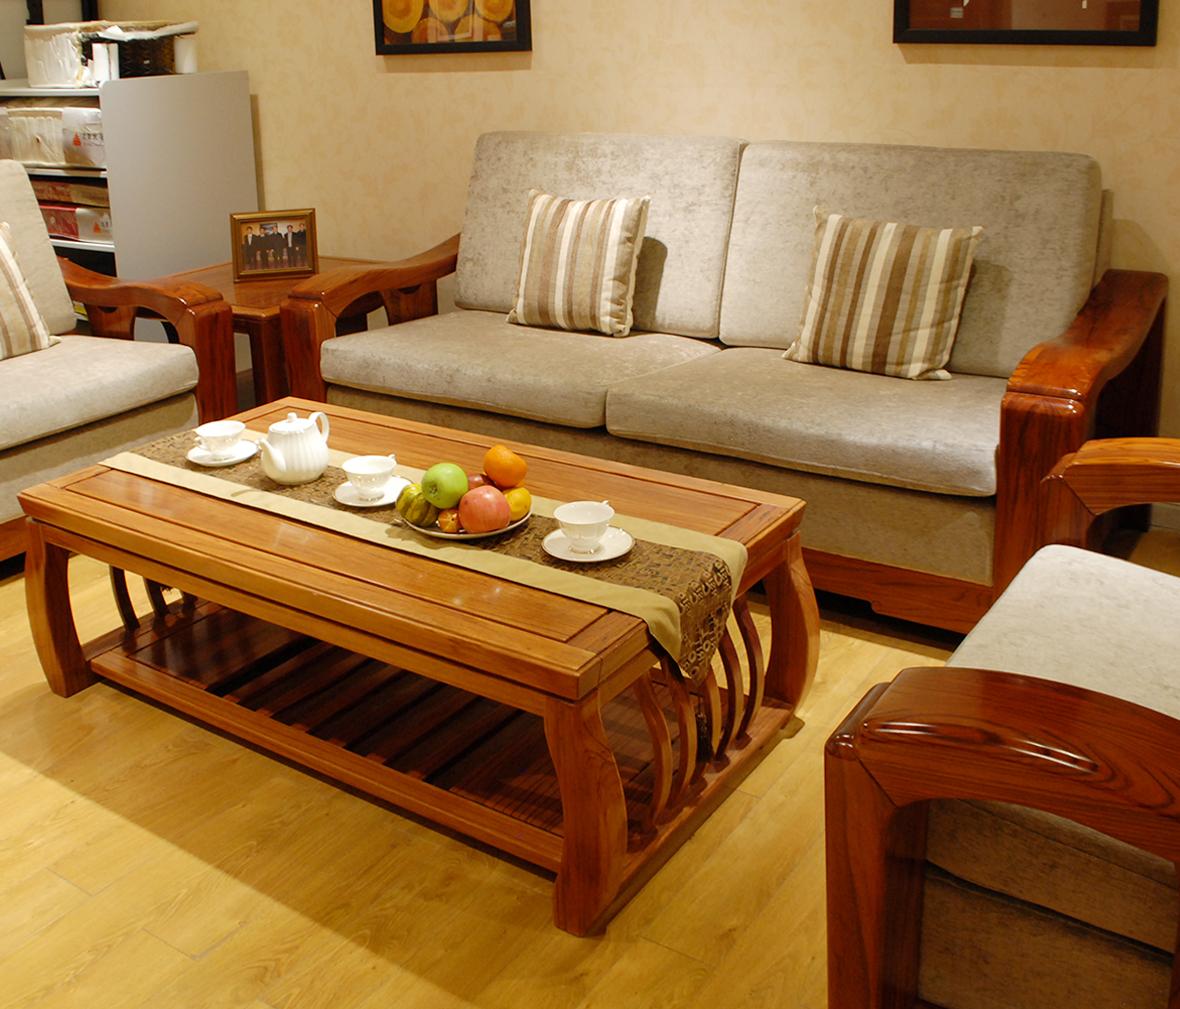 天坛家具 北欧系列 ac1701c.型号 三人沙发 非洲红翅木 现代简约图片